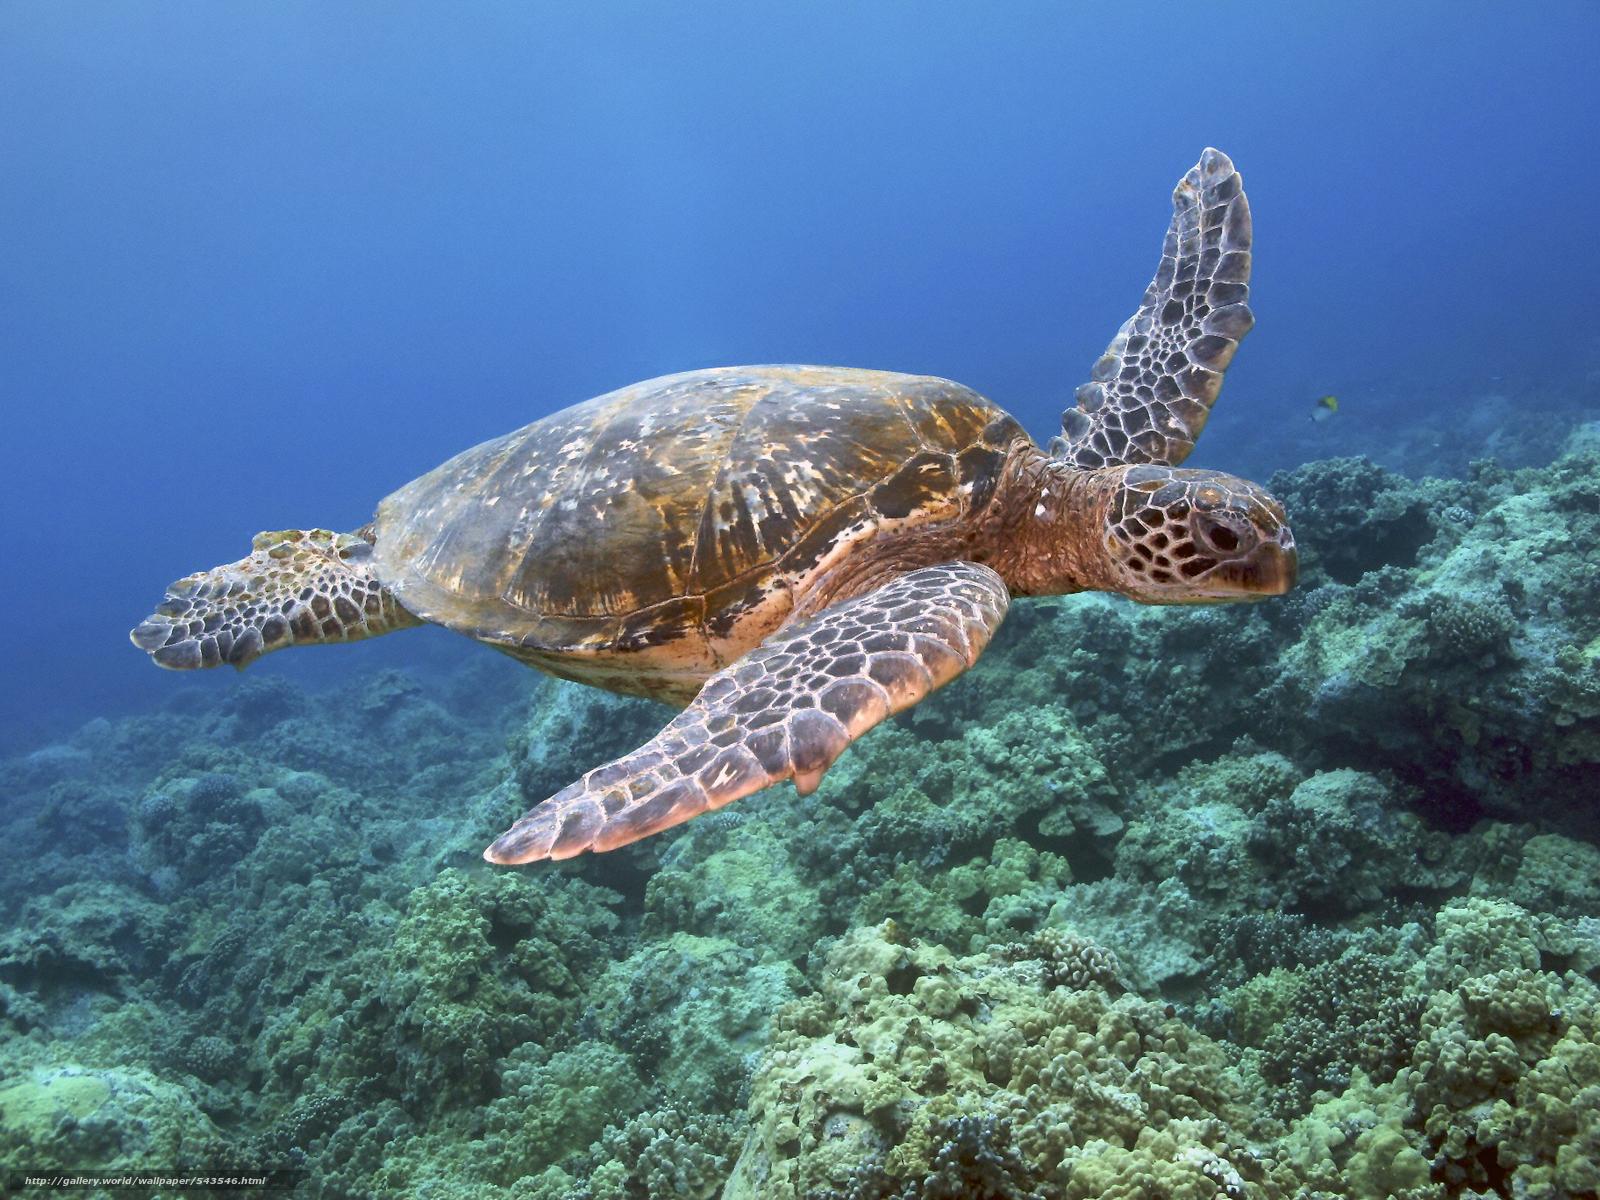 Download wallpaper sea sea turtle bottom desktop wallpaper in 1600x1200